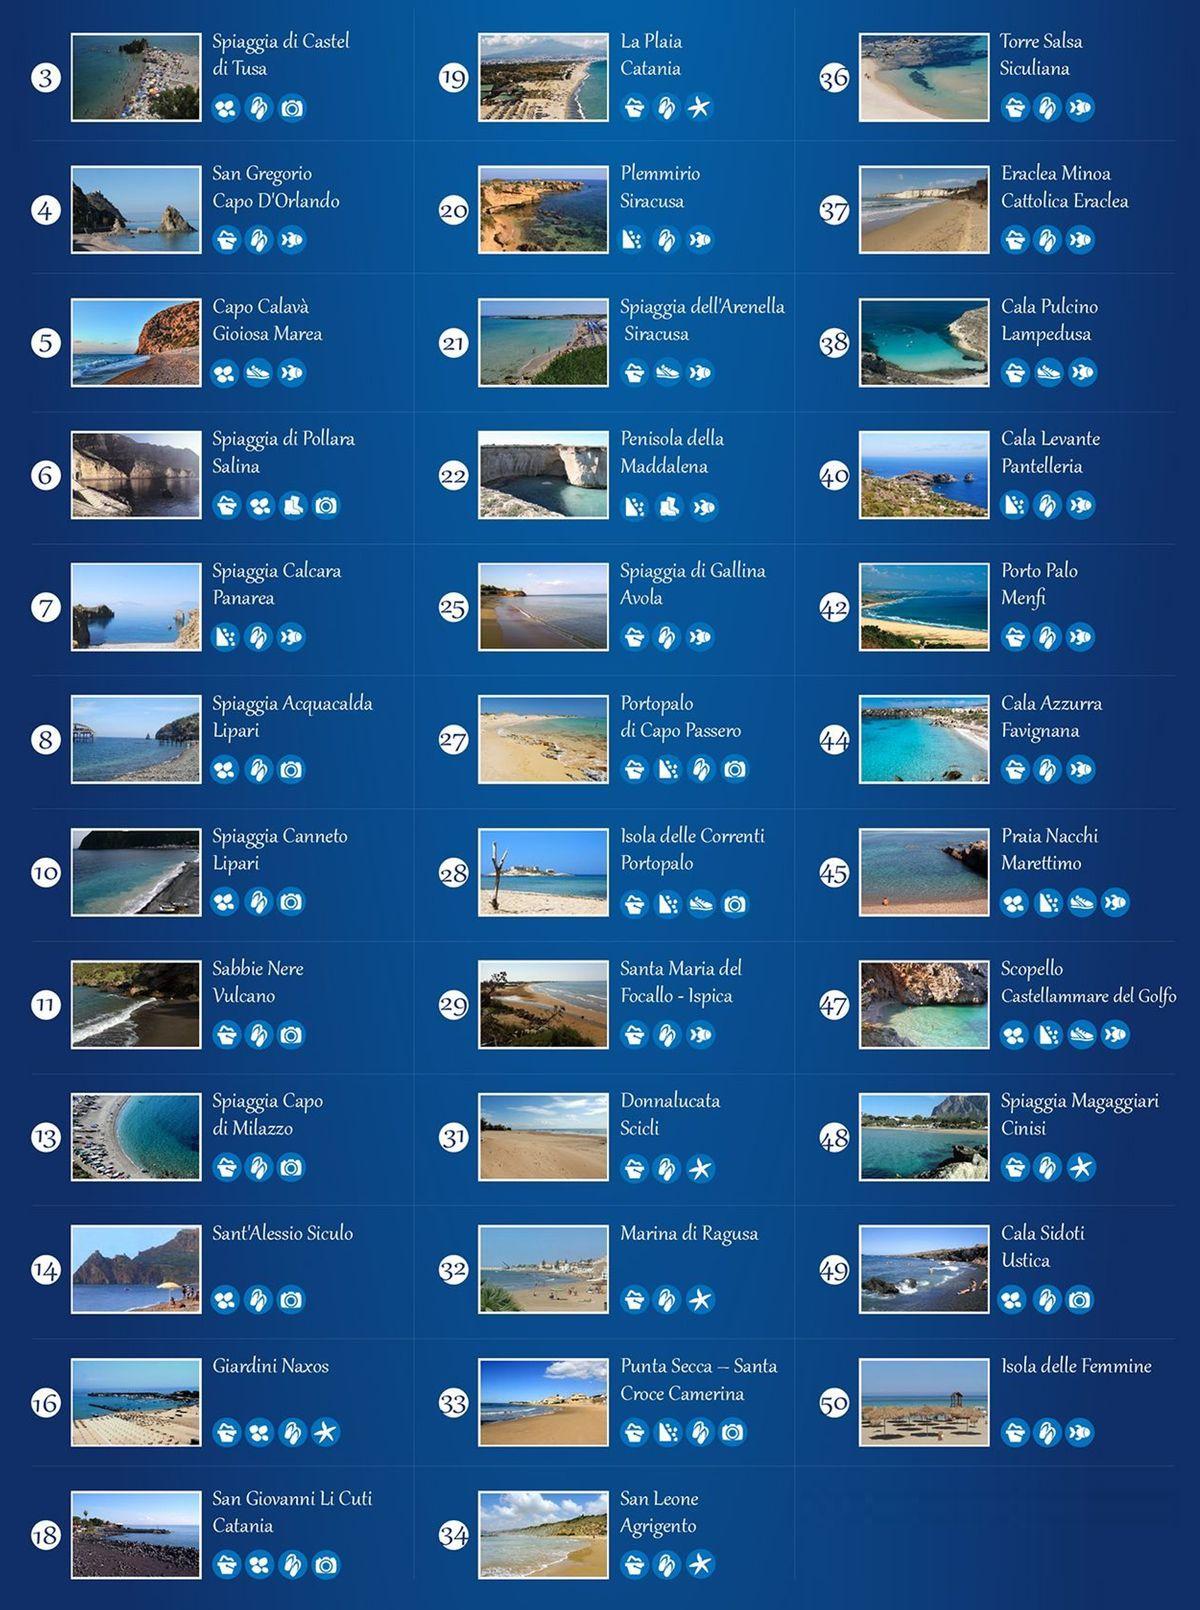 najkrajšie pláže sicílie, top 50 pláží na sicílii